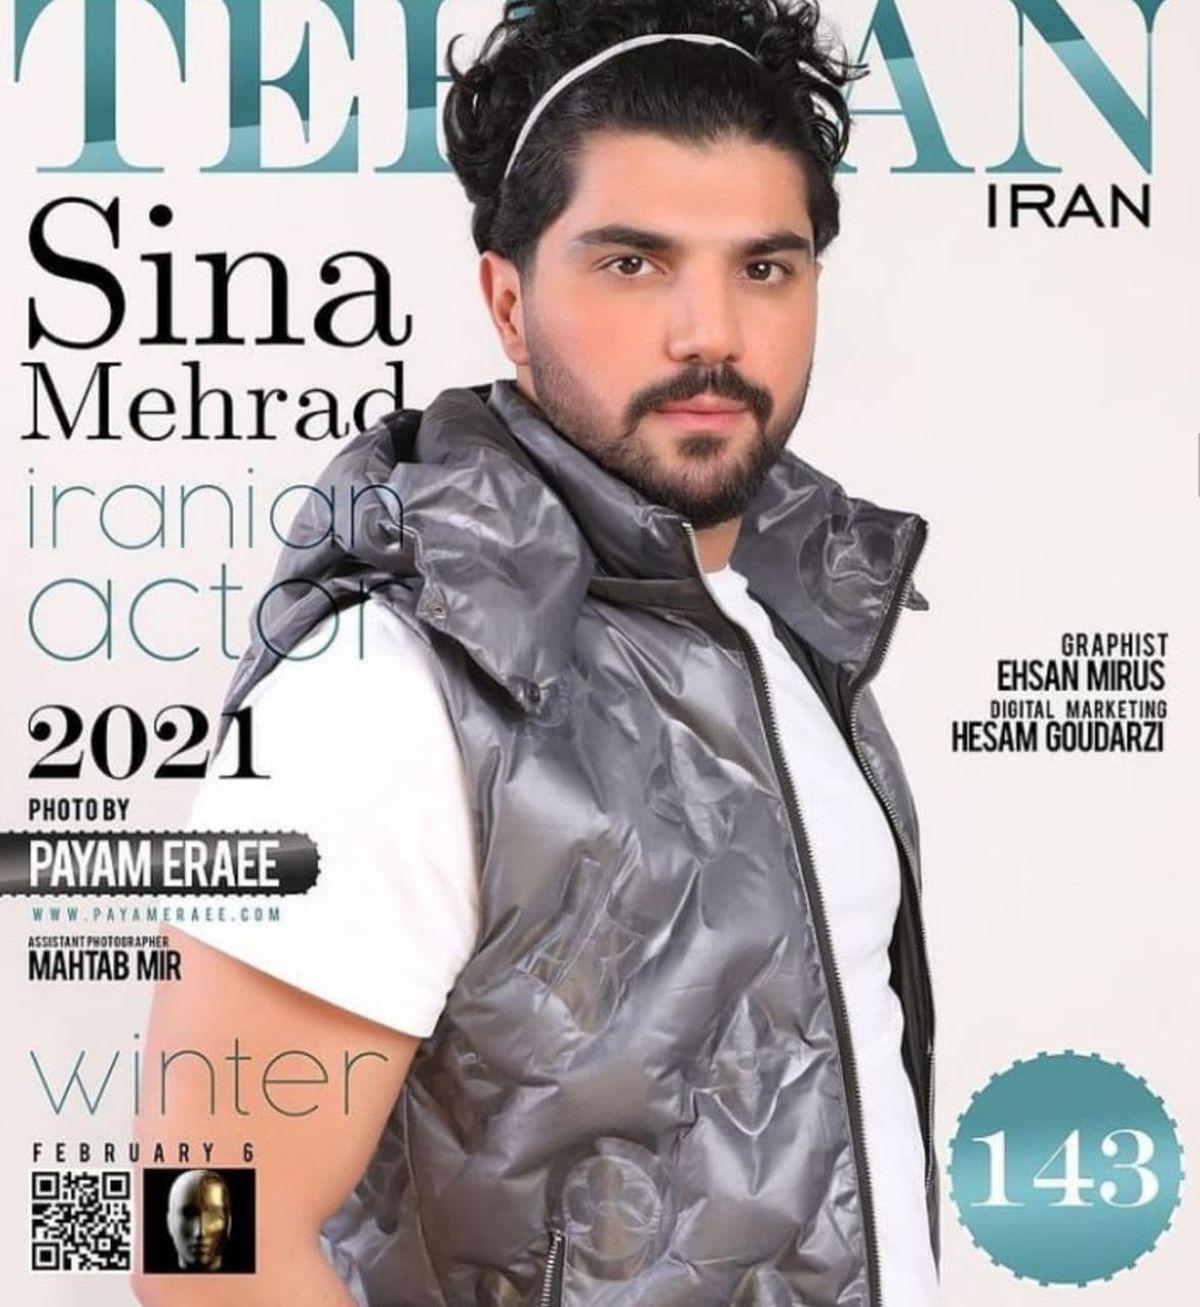 جدیدترین و خفنترین عکس سینا مهراد بعد از تموم شدن سریال آقازاده